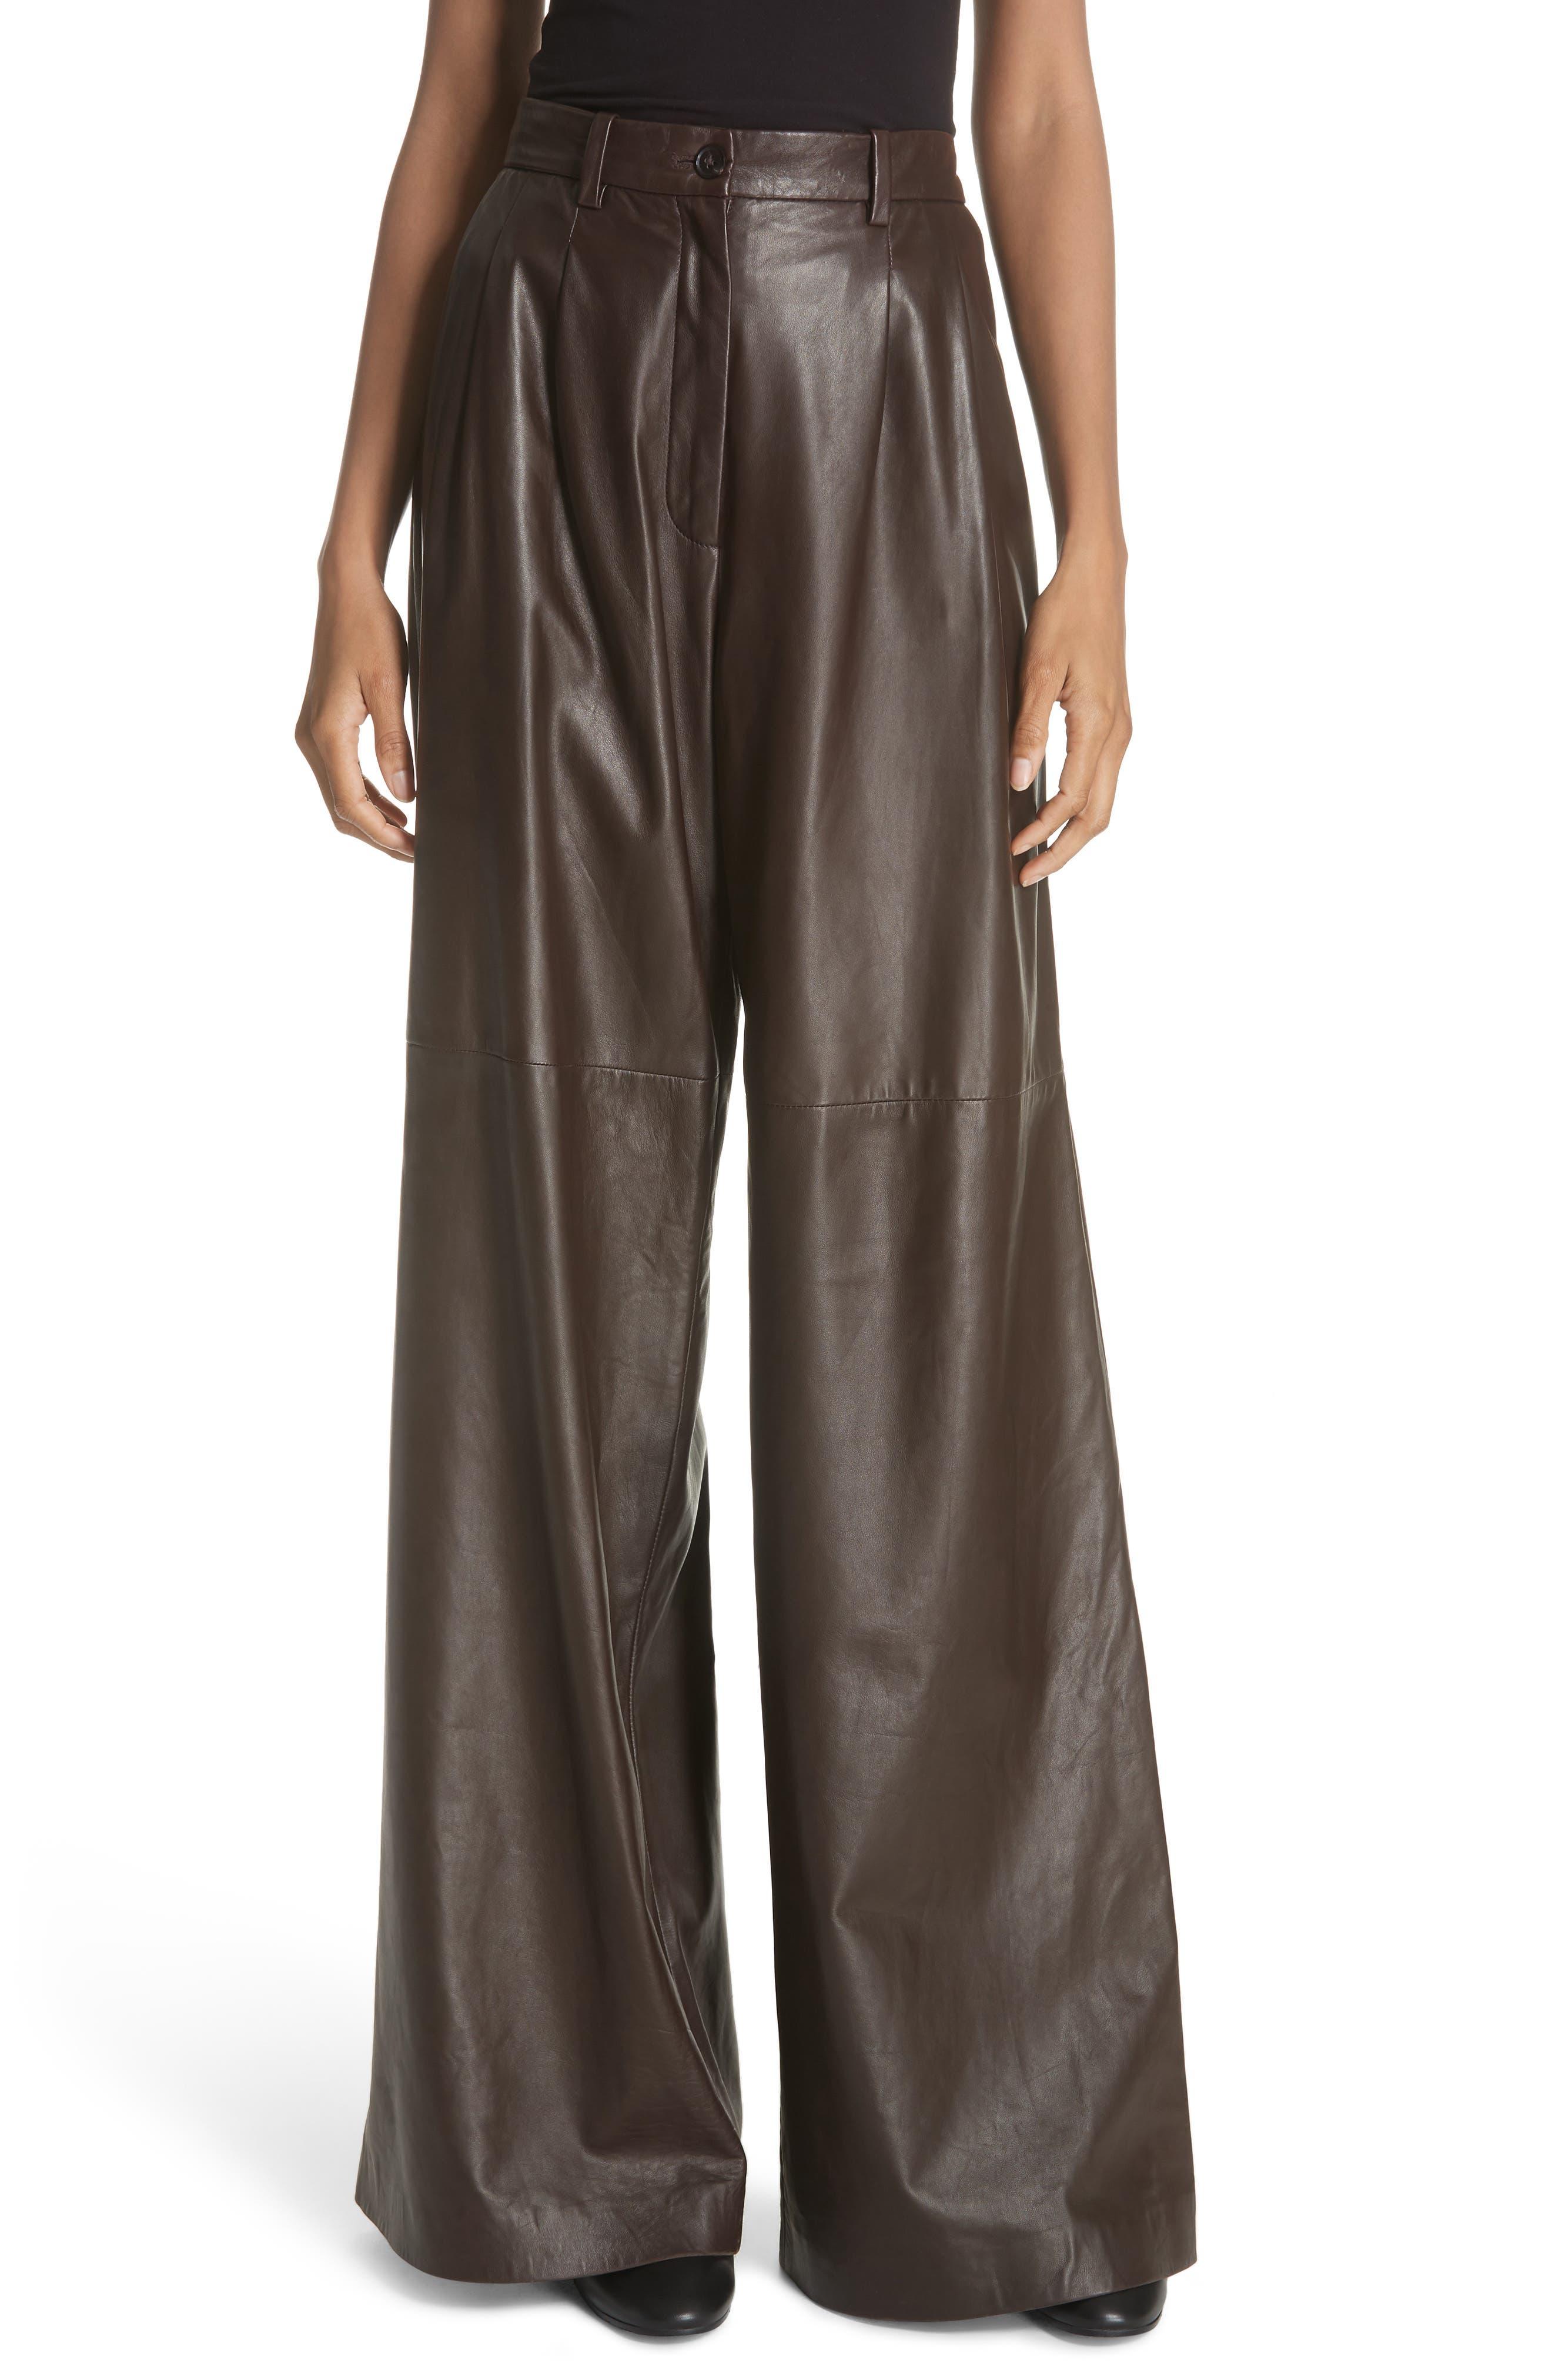 NILI LOTAN Nico Leather Pants, Main, color, BROWN